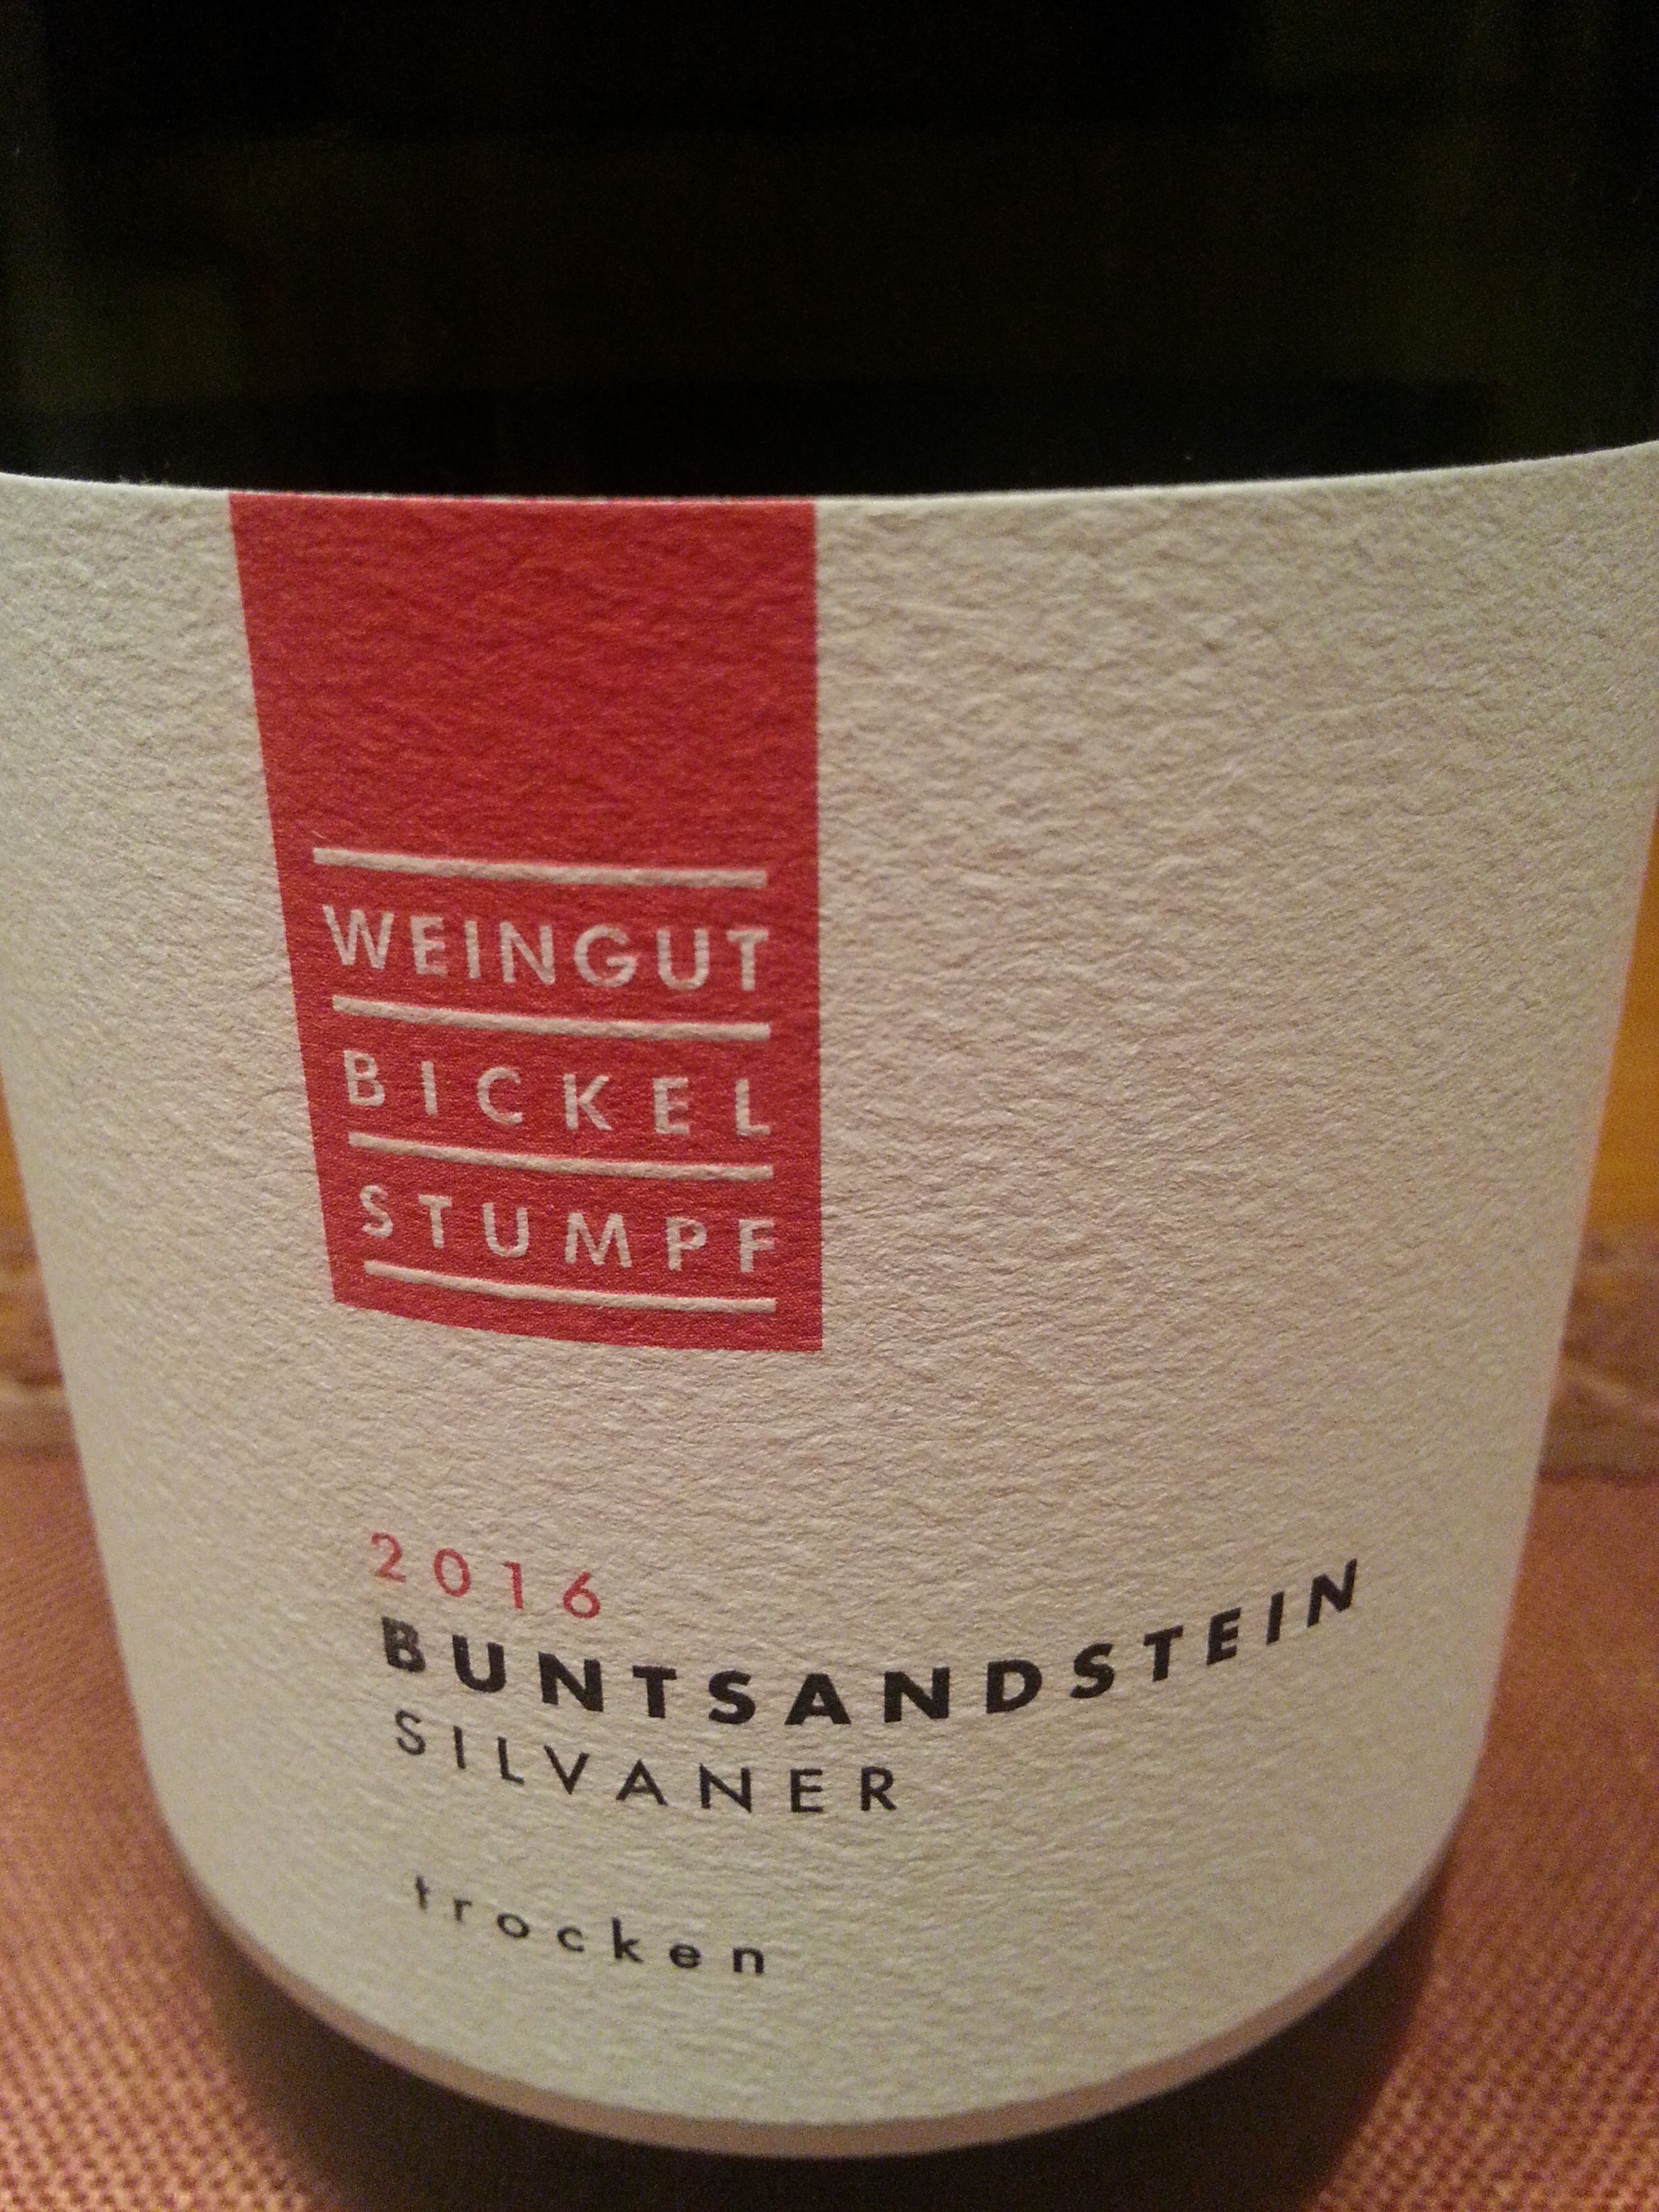 2016 Silvaner Buntsandstein | Bickel-Stumpf